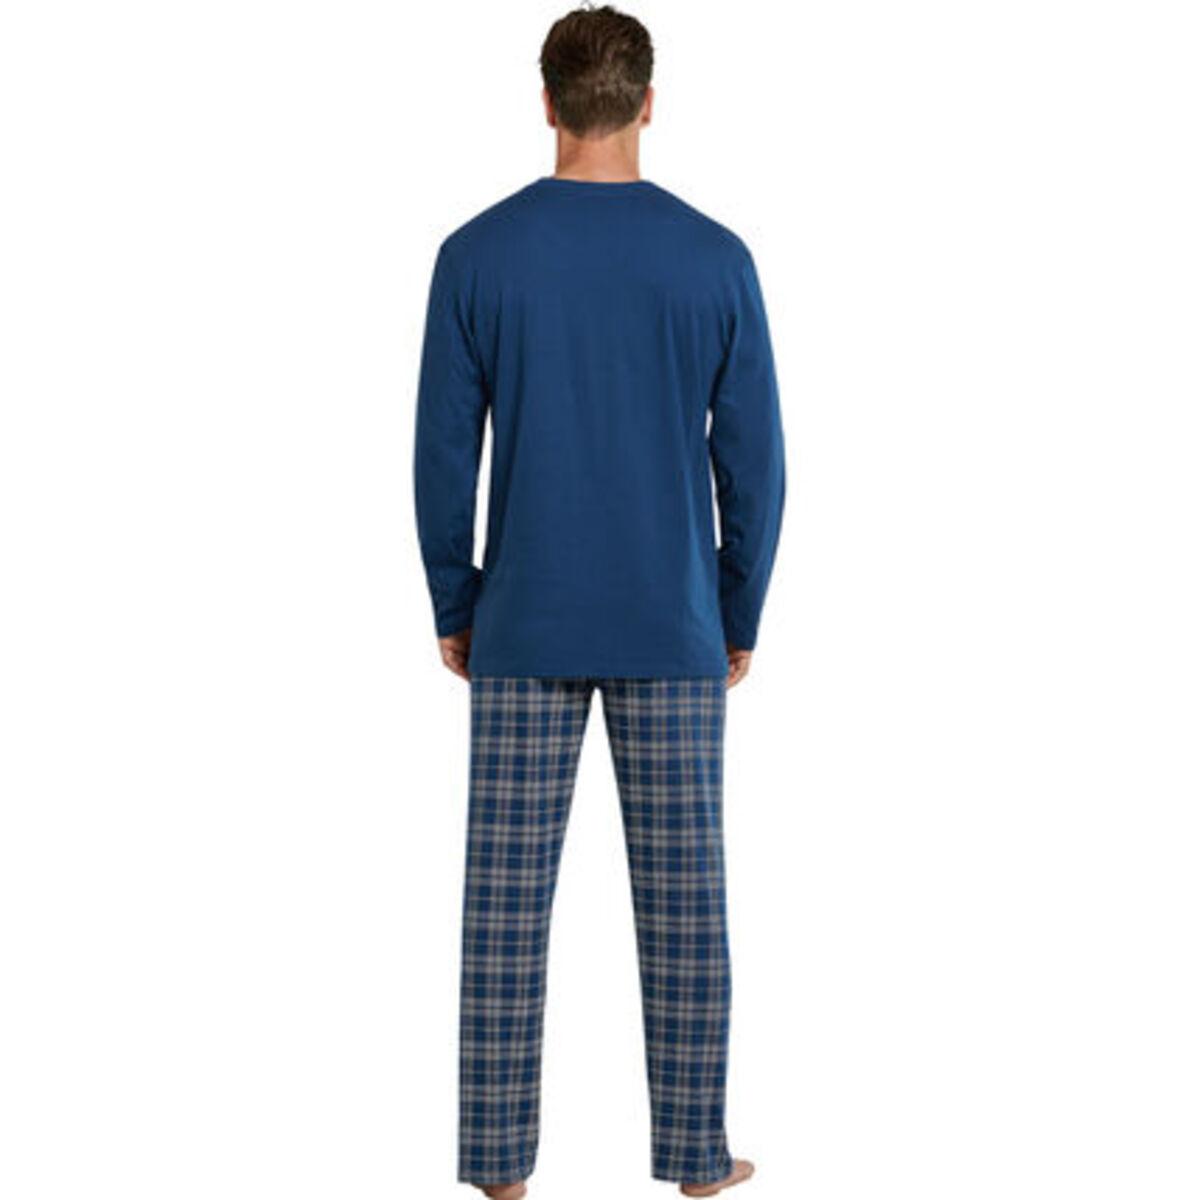 Bild 2 von Schiesser Schlafanzug, lang, Karohose, Baumwolle, für Herren